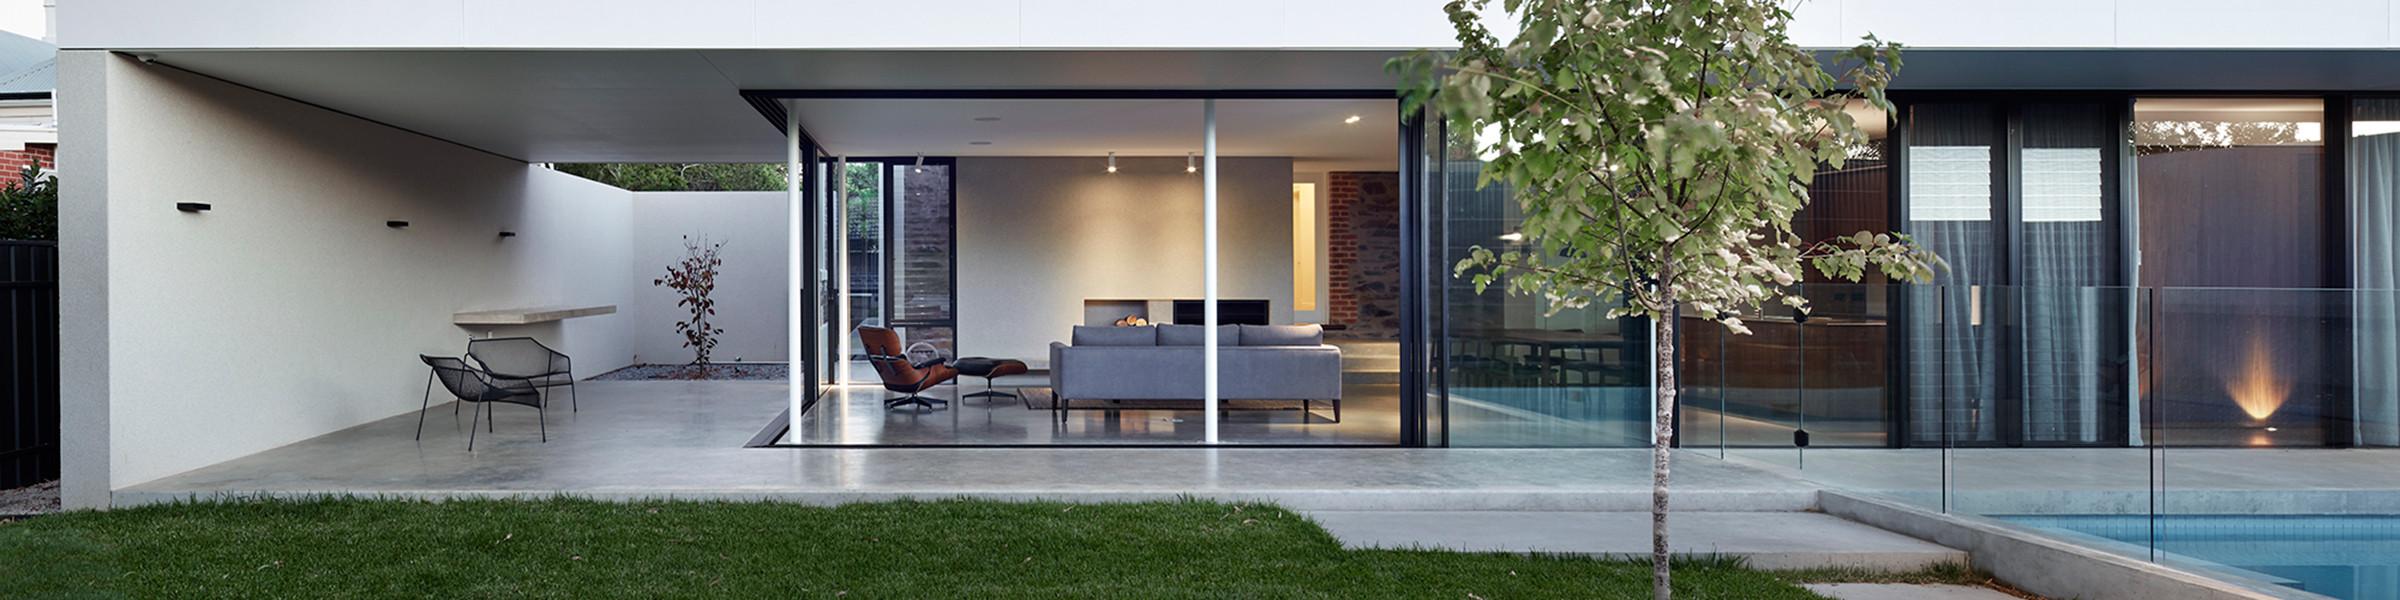 Habitusliving | Residential Architecture U0026 Design In Australia Asia Pacific